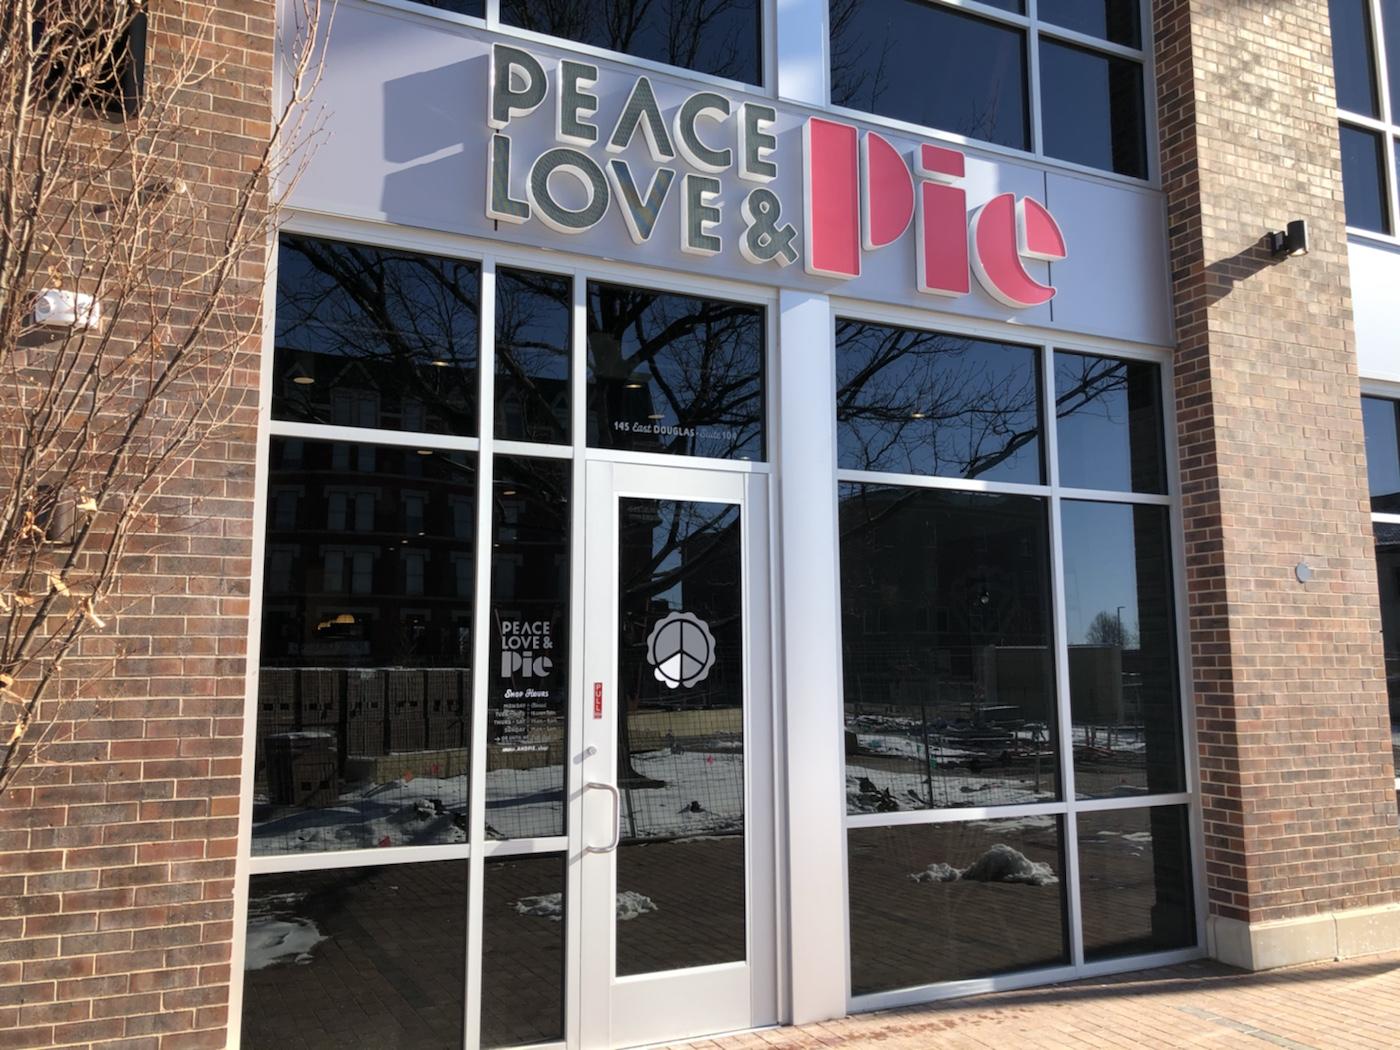 Peace Love & Pie